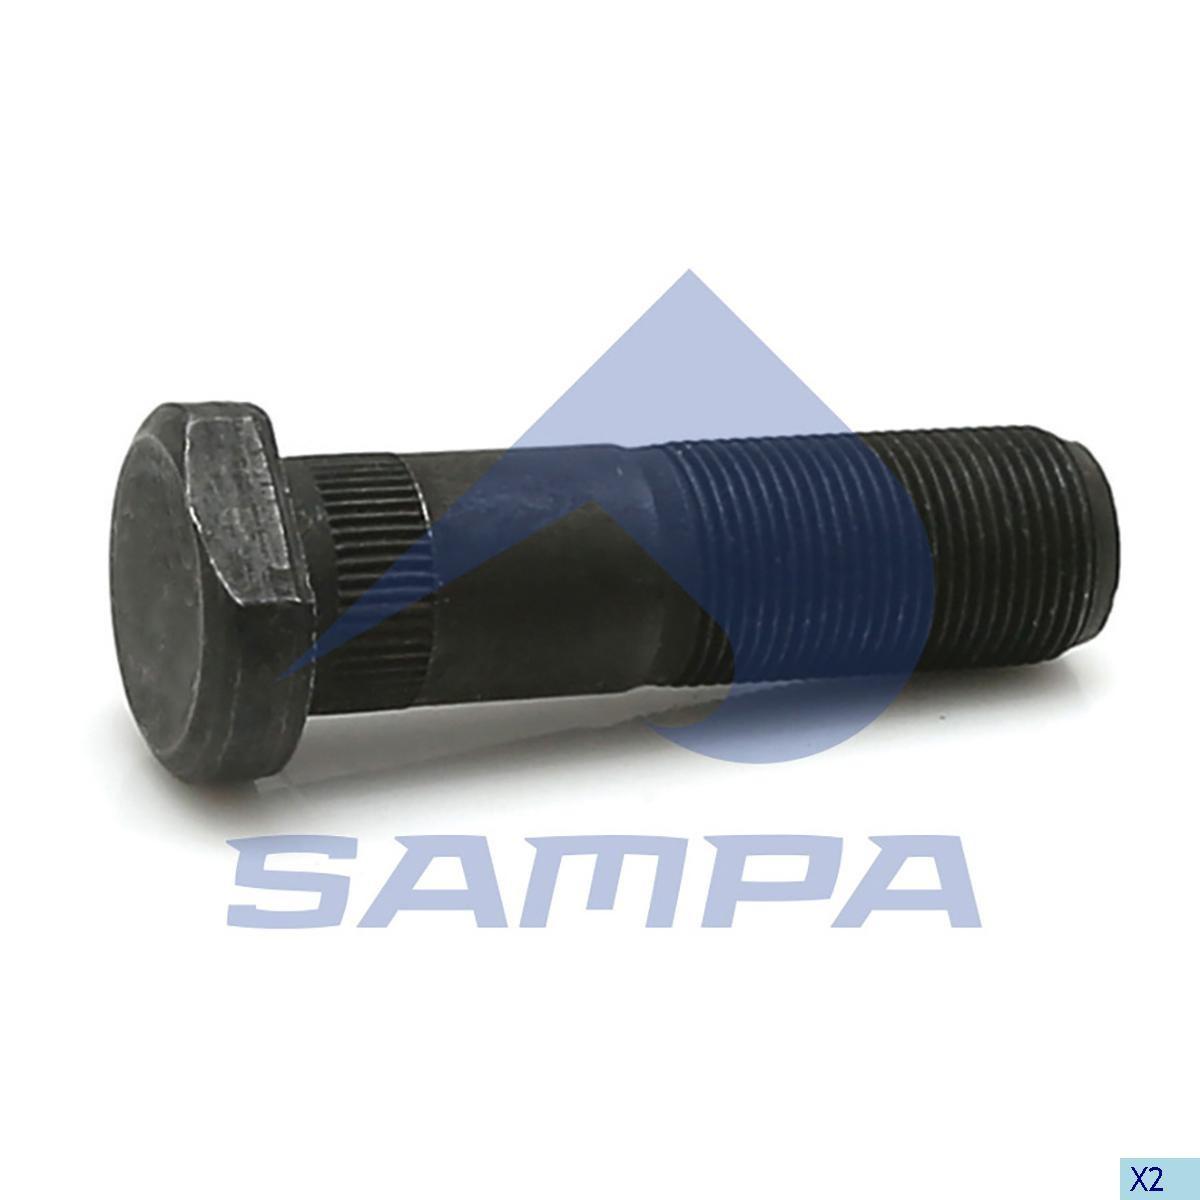 Шпилька ступицы Iveco М22х1,5 L=77 (с гайкой) photo